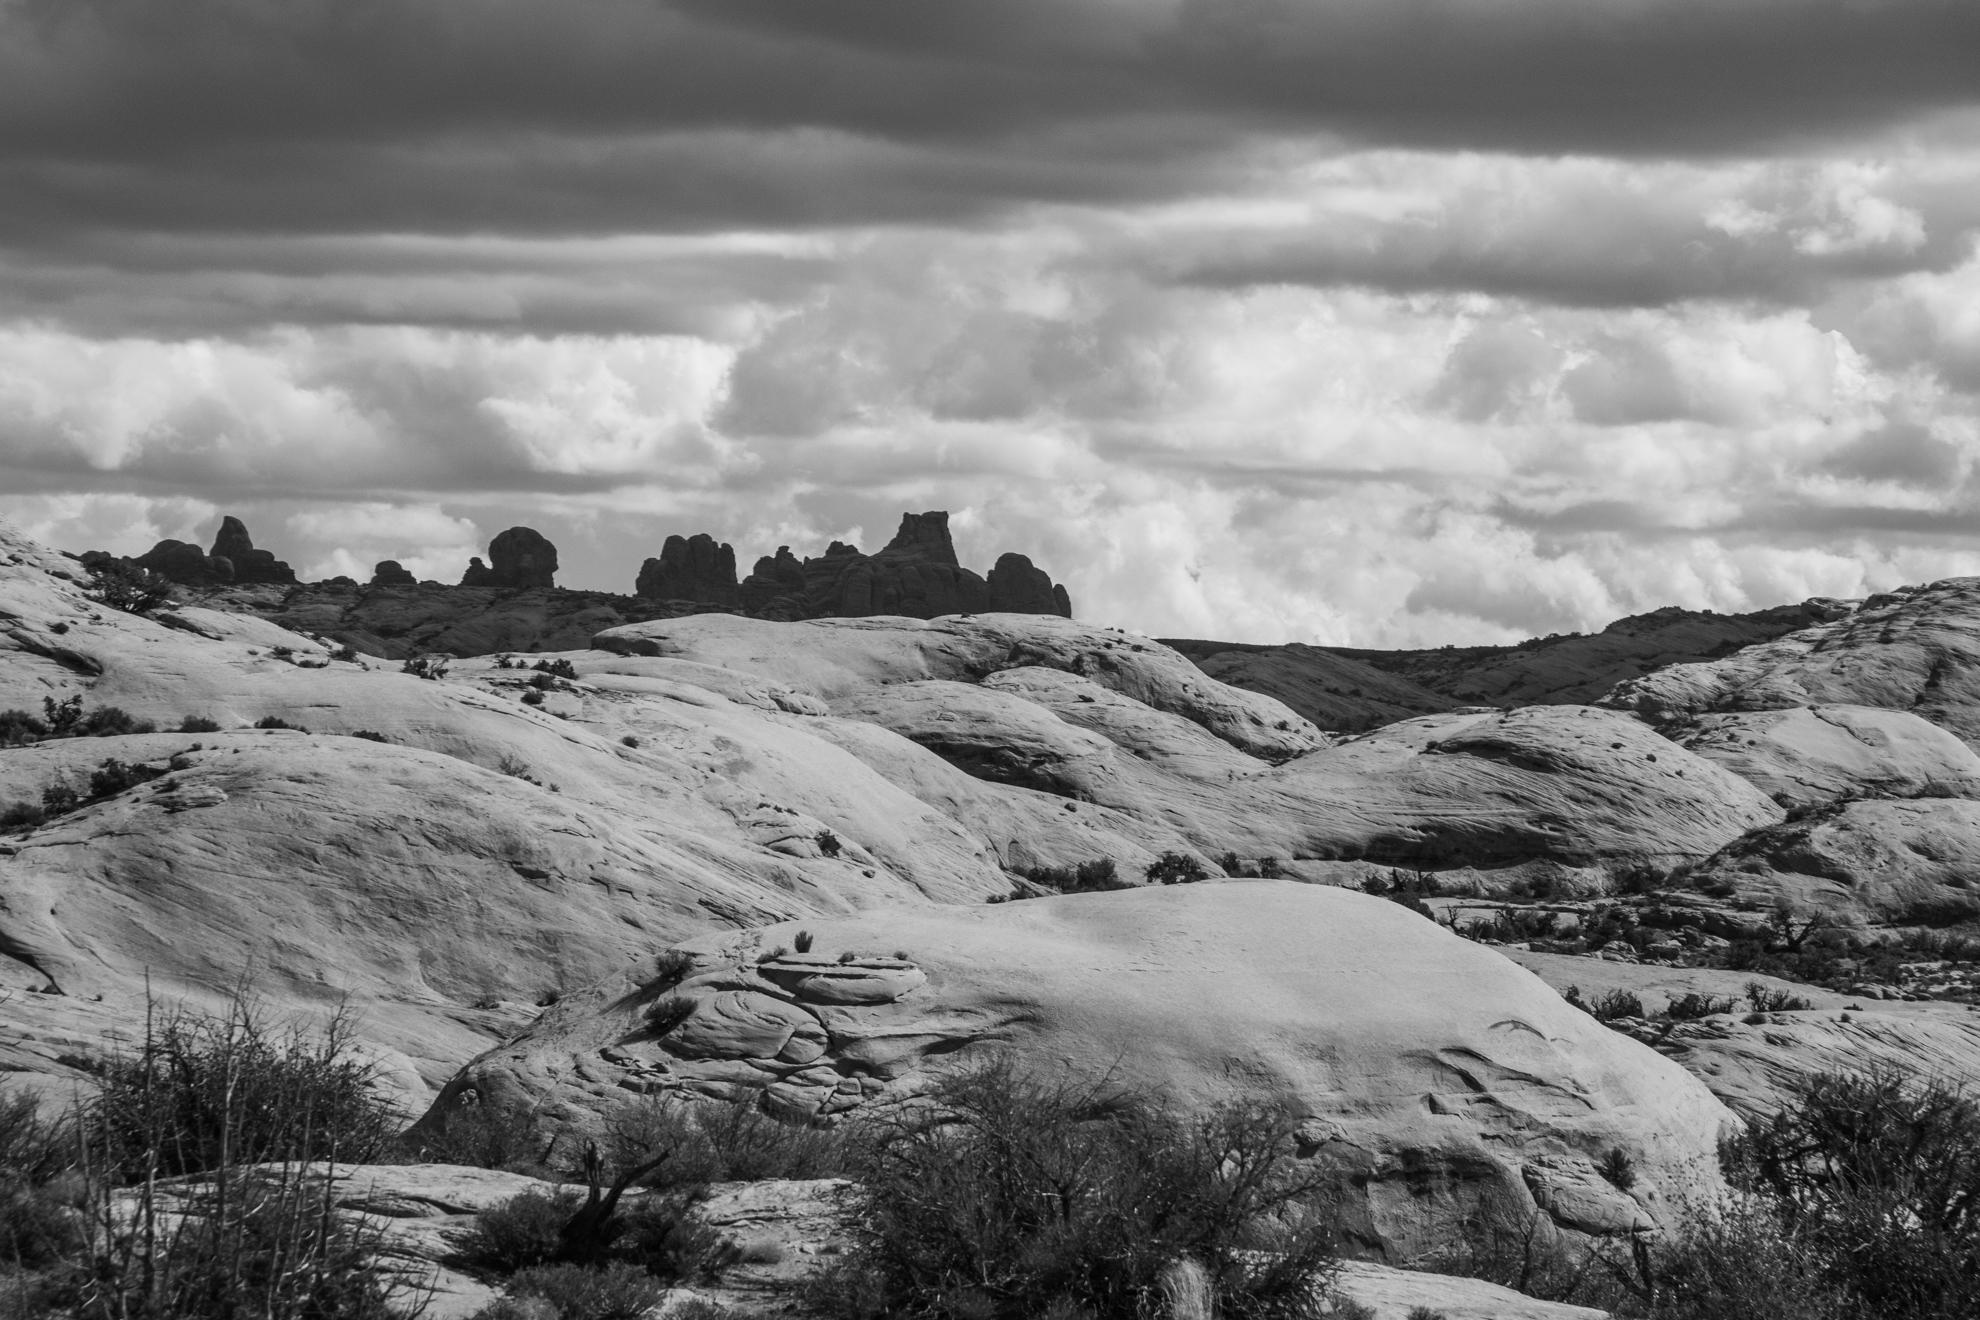 Landscape at Arches National Park